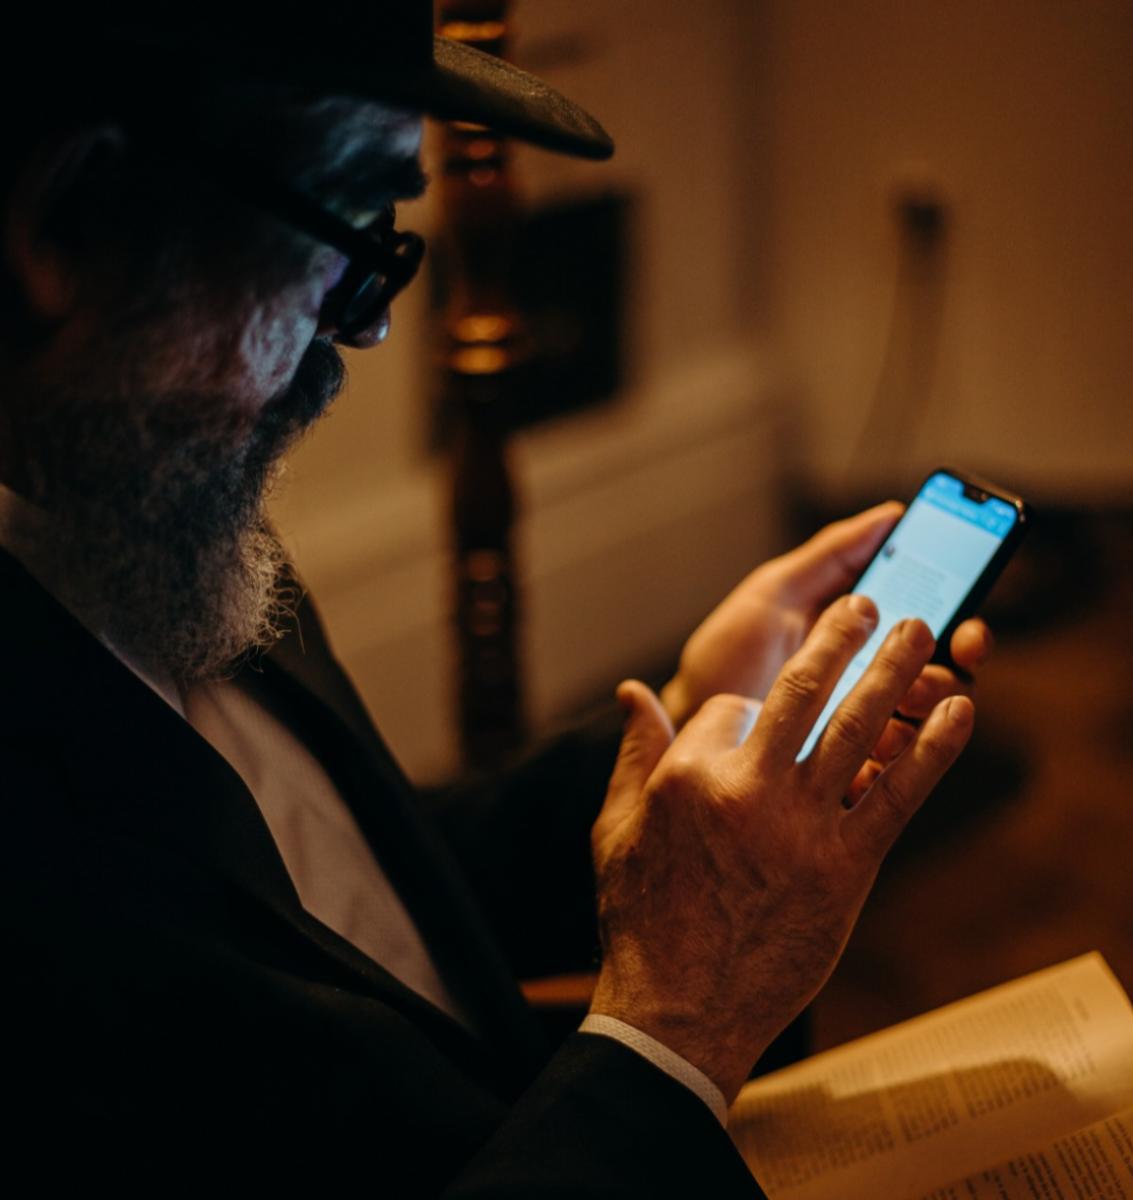 גם בחברה החרדית נרשמה עליה חדה בביקוש ובצריכת האינטרנט